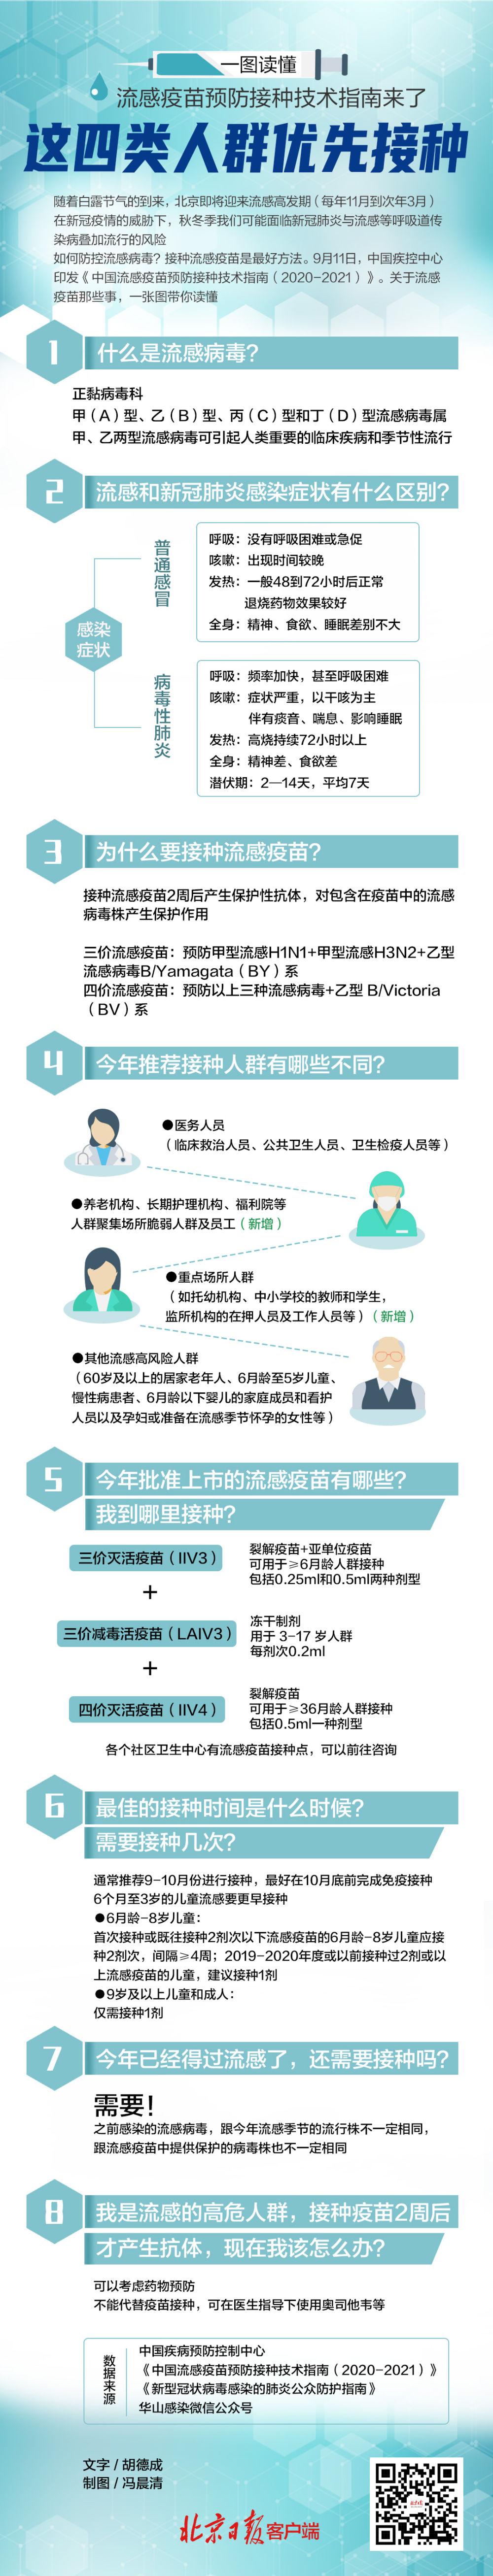 流感疫苗预防接种技术指南来了,这四类人群优